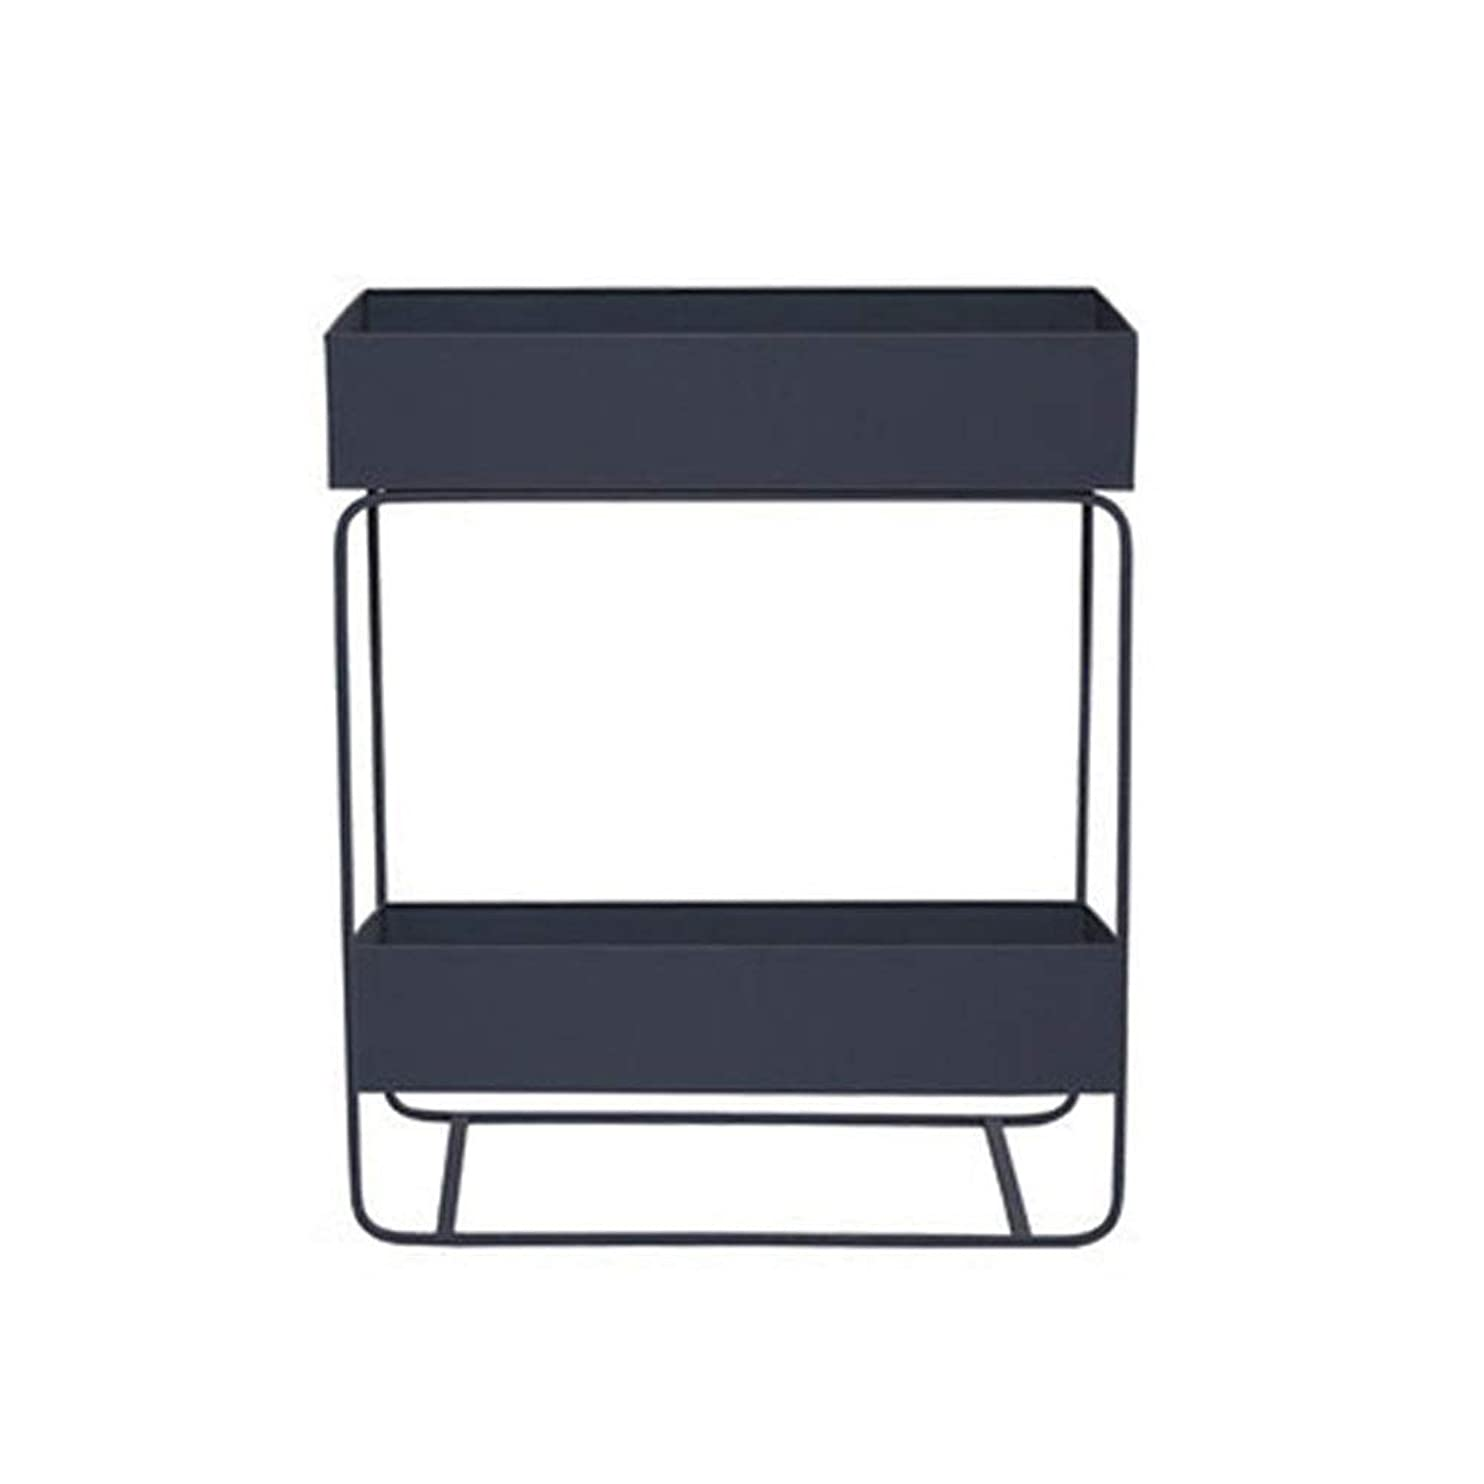 雷雨ロボット作成する棚 居間の台所自由な地位のための多機能の2層の調節可能な棚の収納ラック レッジ、 (色 : グレー, サイズ : 25*60*74cm)